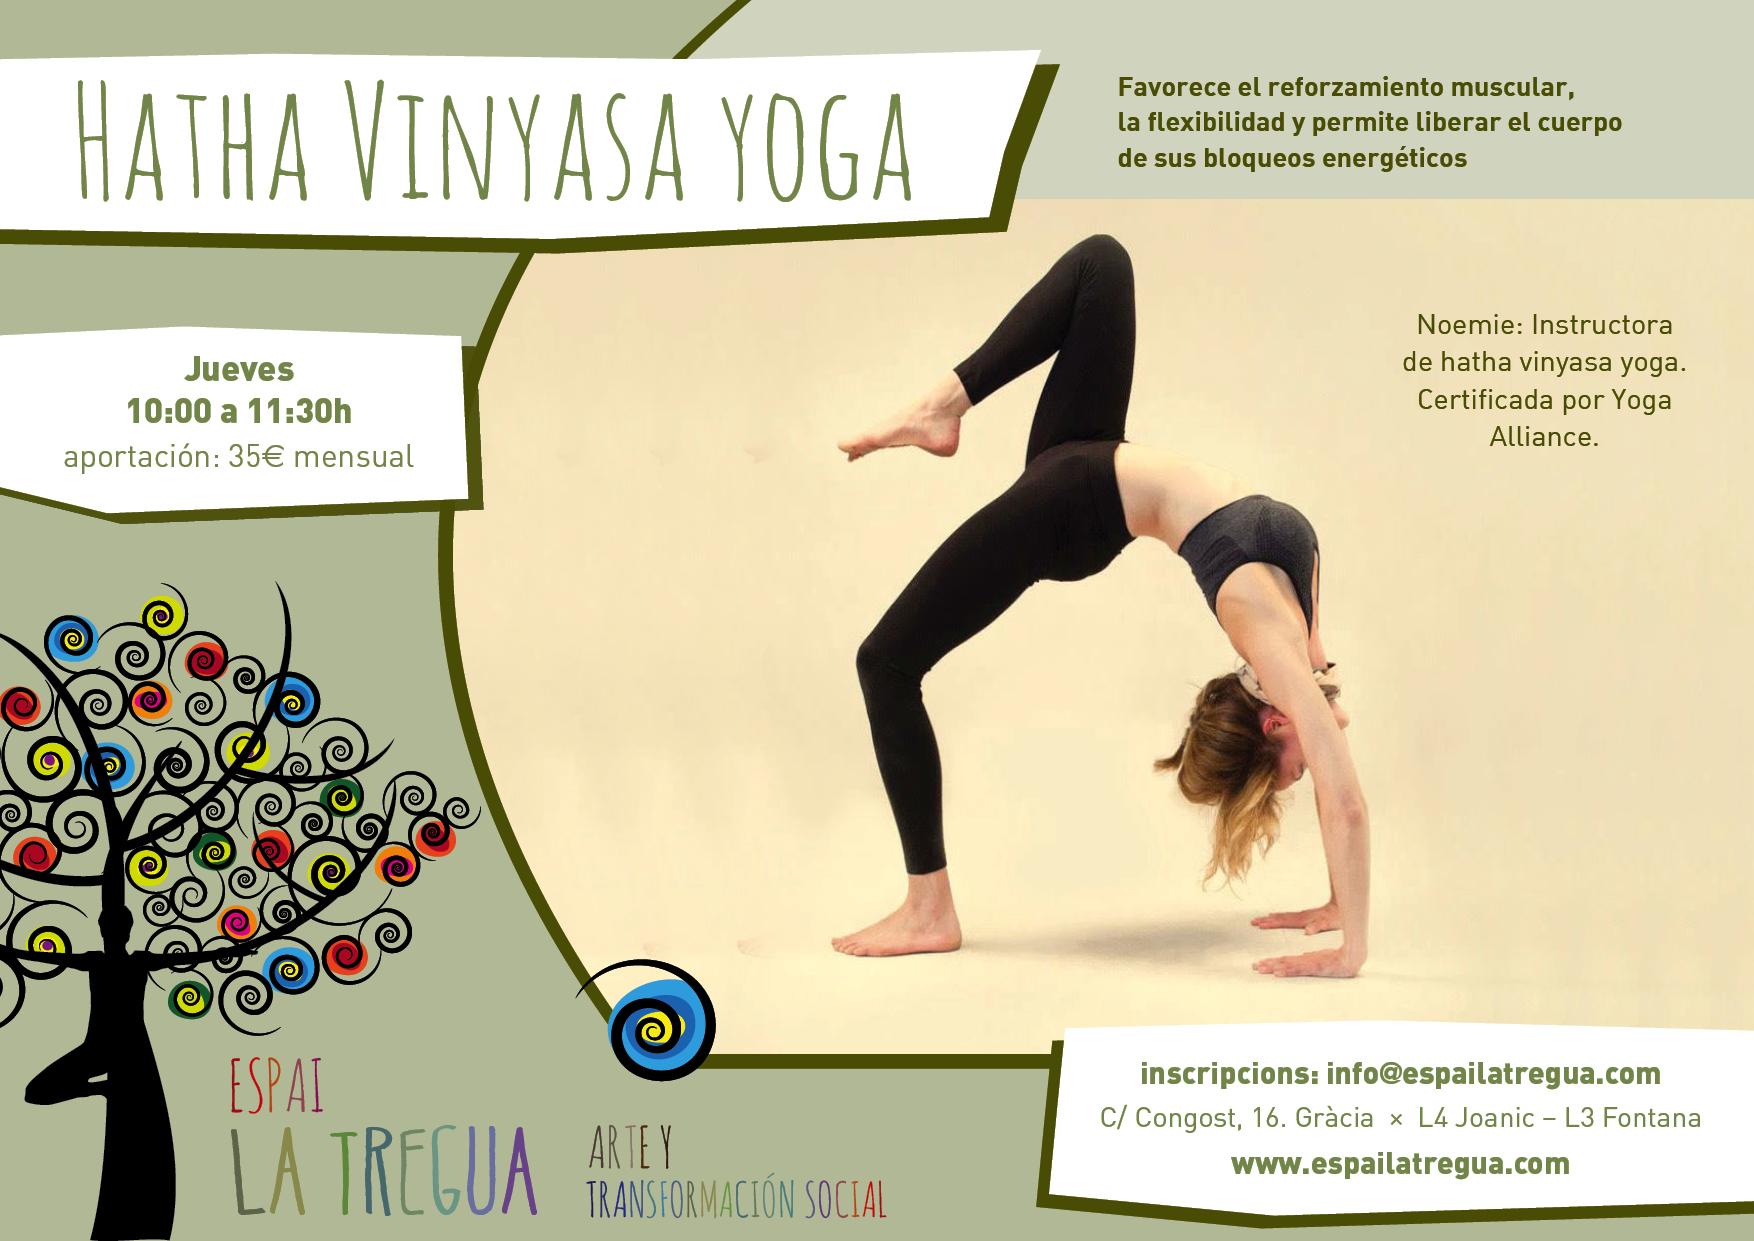 Hatha Vinyasa yoga-sala-danza-alquiler-barcelona